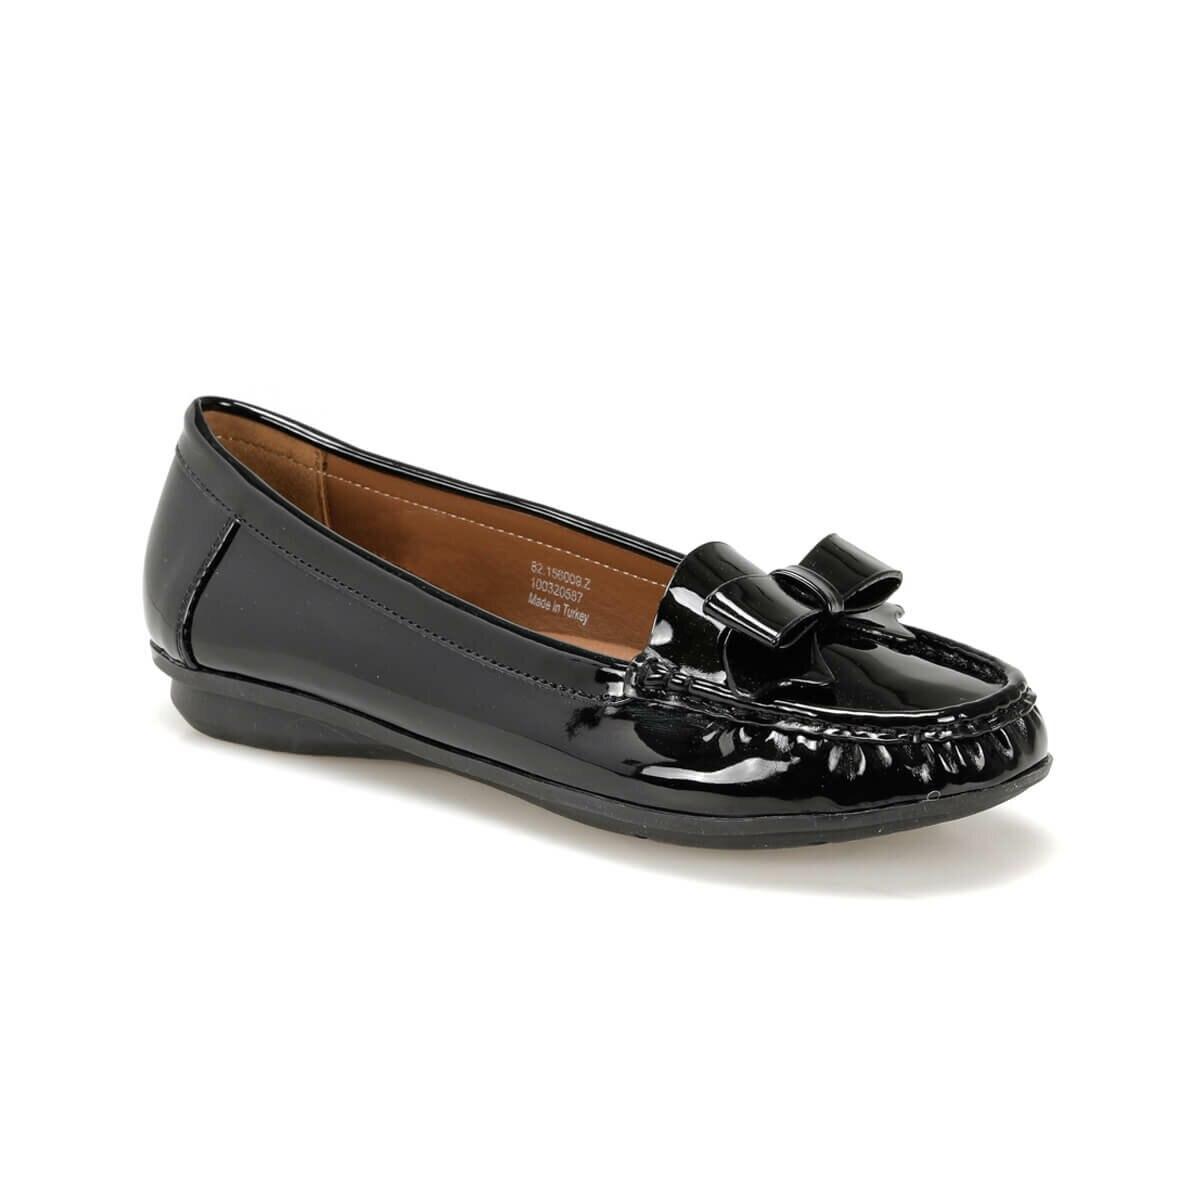 Flo 82.156009.z preto sapatos femininos polaris